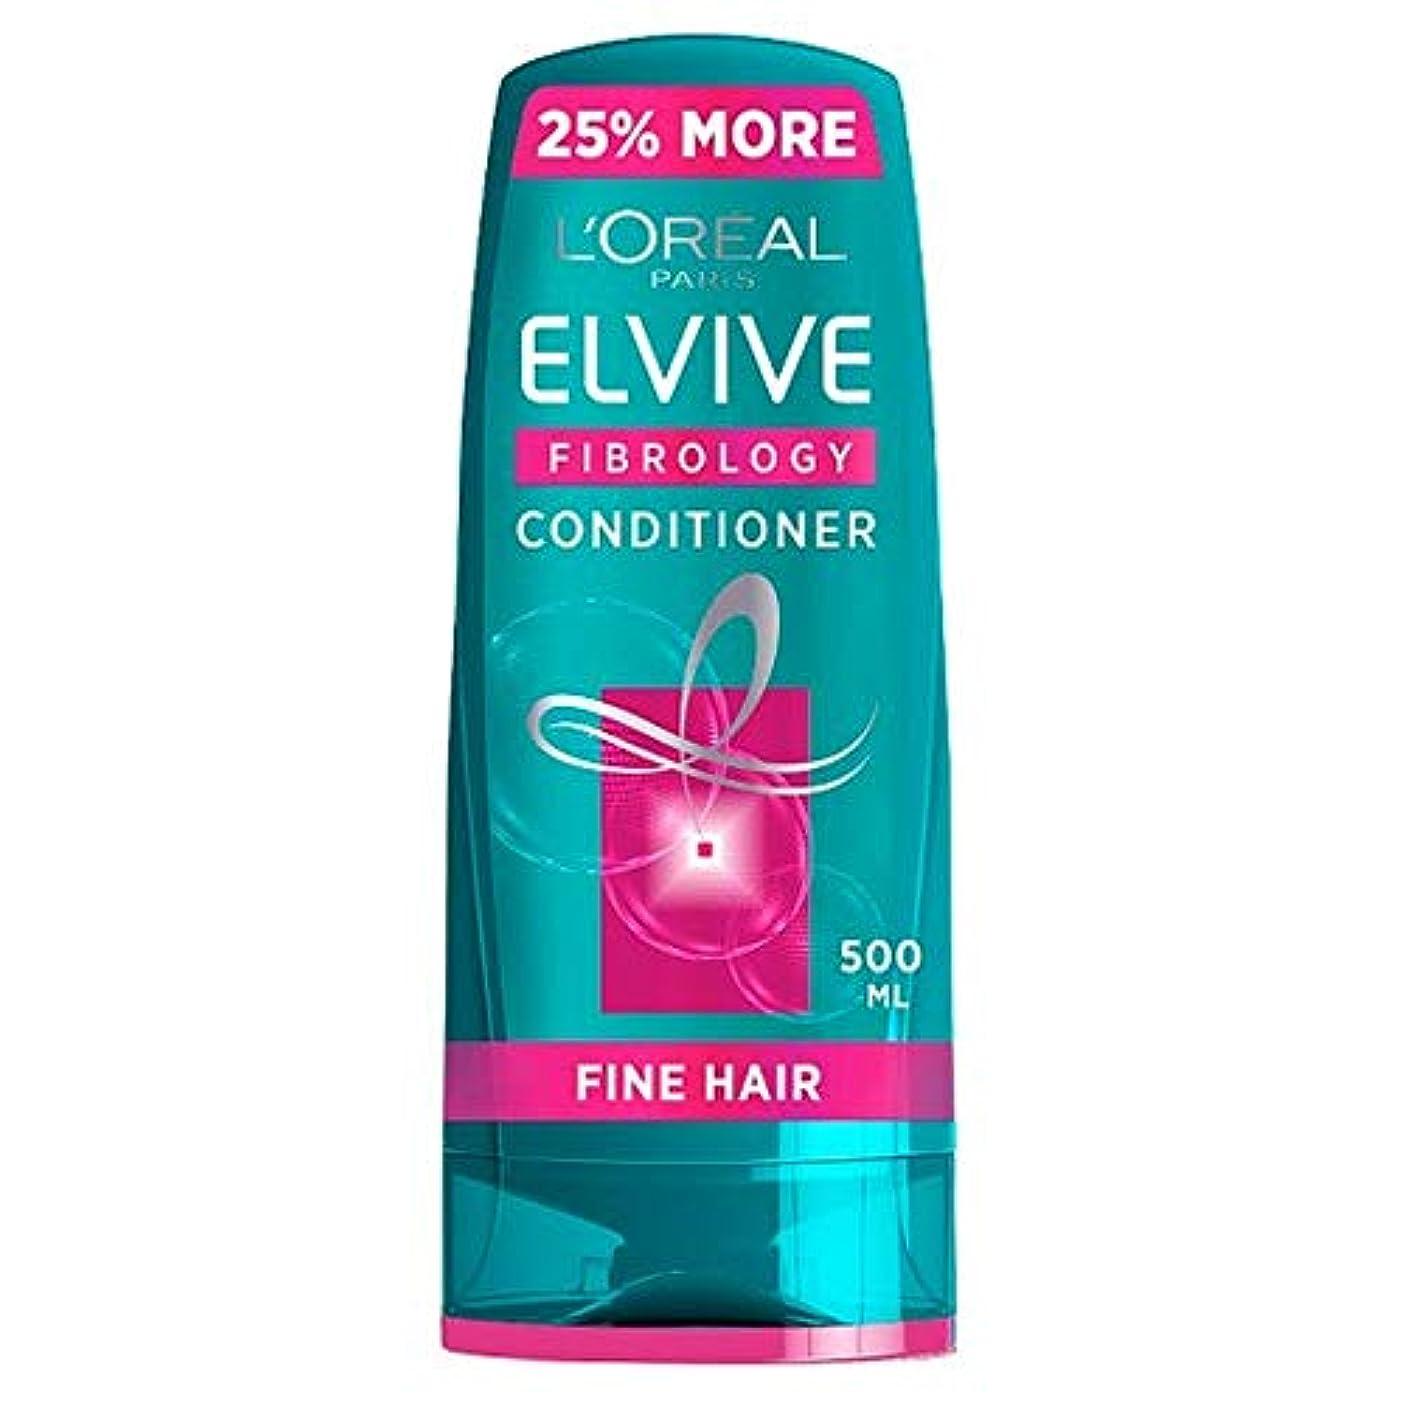 しつけ普通に有名人[Elvive] ロレアルElvive Fibroligy細いヘアコンディショナー500ミリリットル - L'oreal Elvive Fibroligy Fine Hair Conditioner 500Ml [並行輸入品]